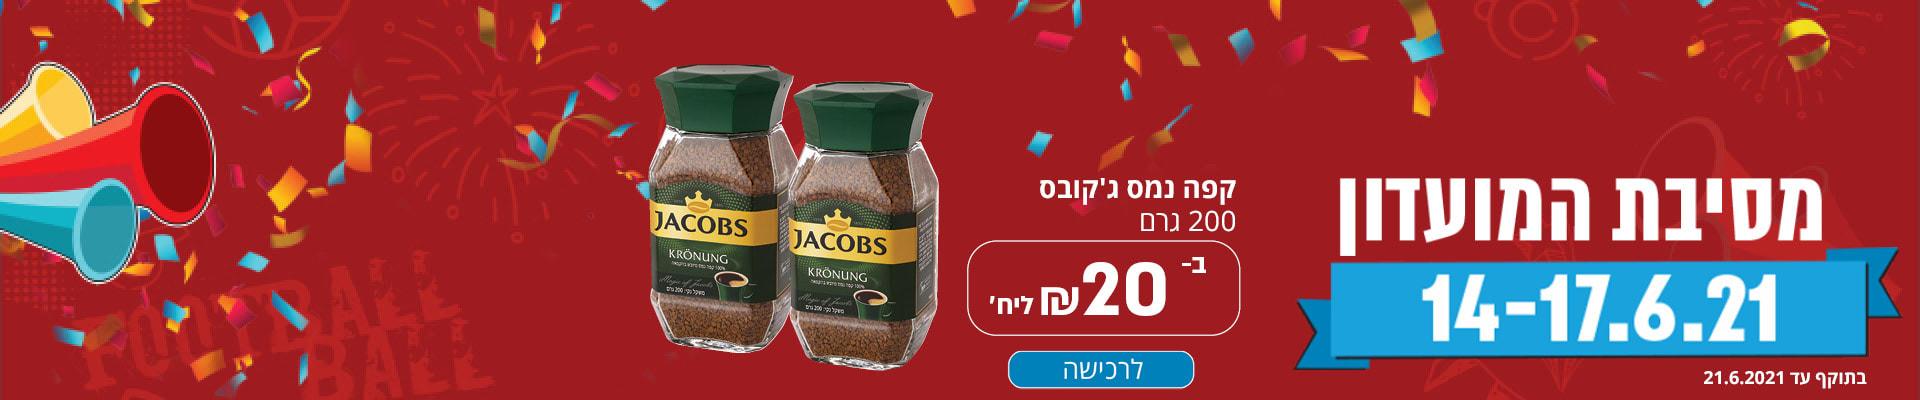 מסיבת המועדון 14-17.6.21 קפה נמס ג'יקובס 200 גרם ב- 20 ₪ לרכישה בתוקף עד 21.6.2021